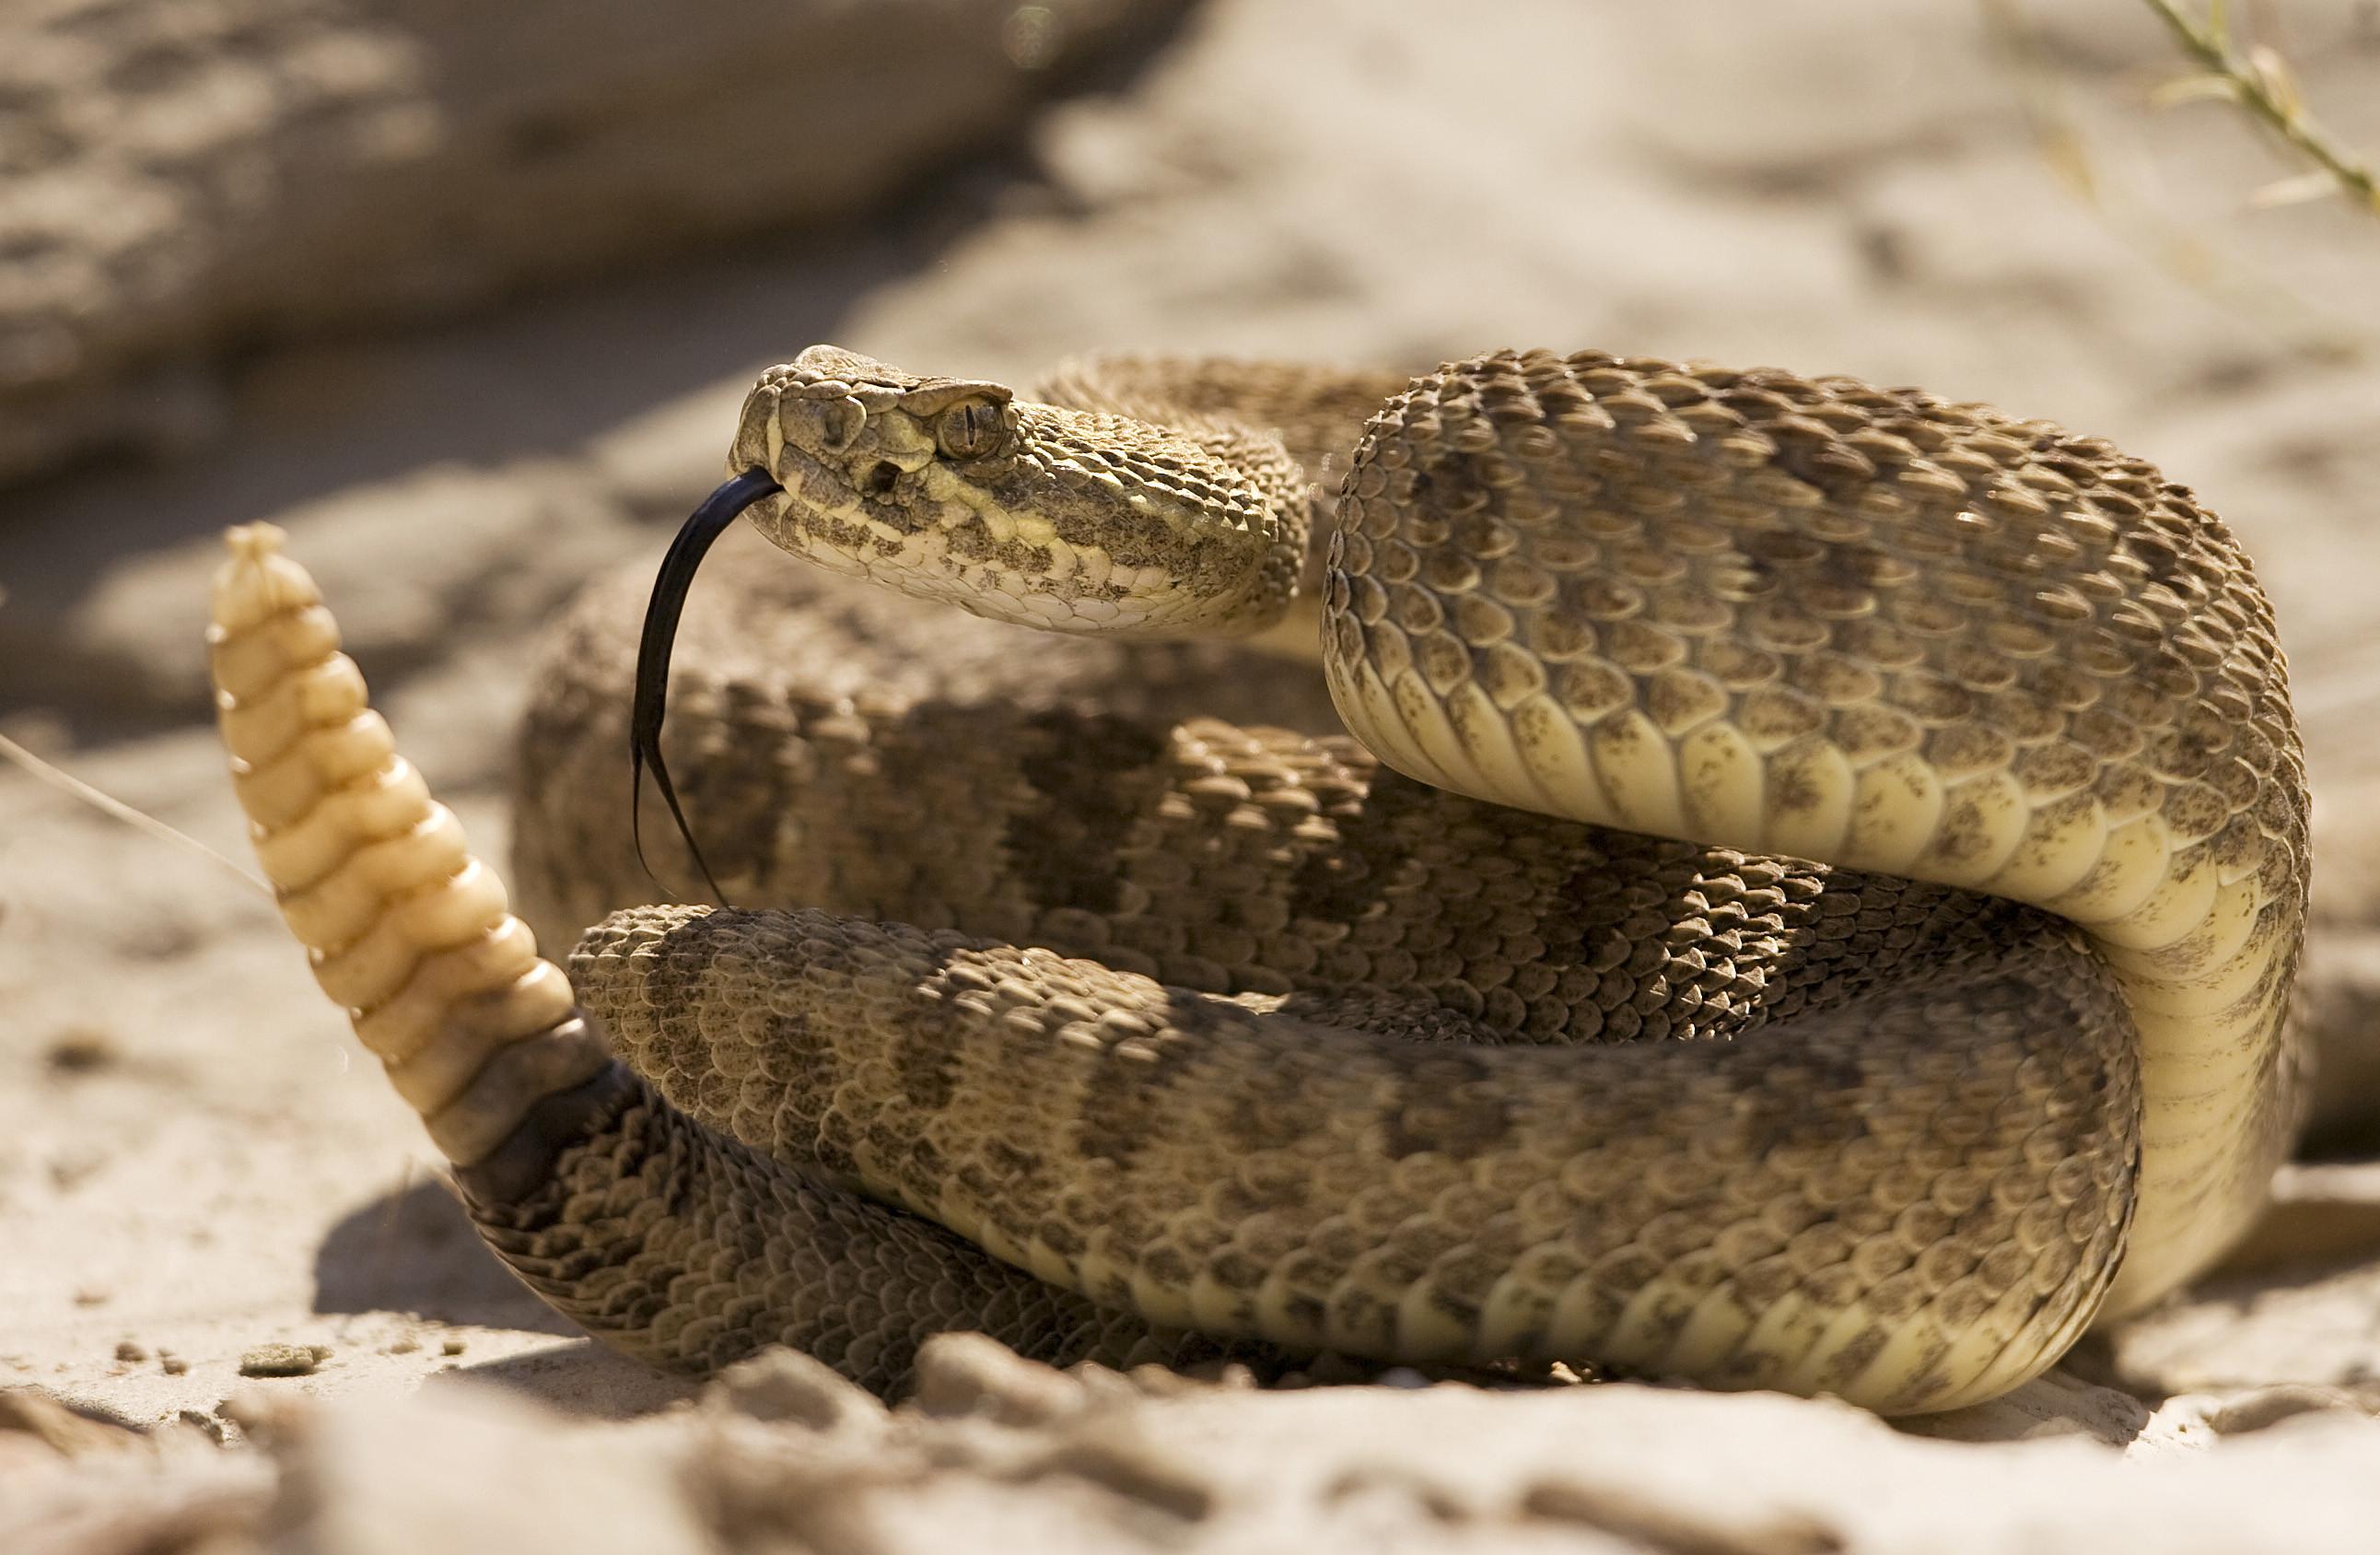 Polícia retira 25 cobras de apartamento nos EUA. 23 eram venenosas